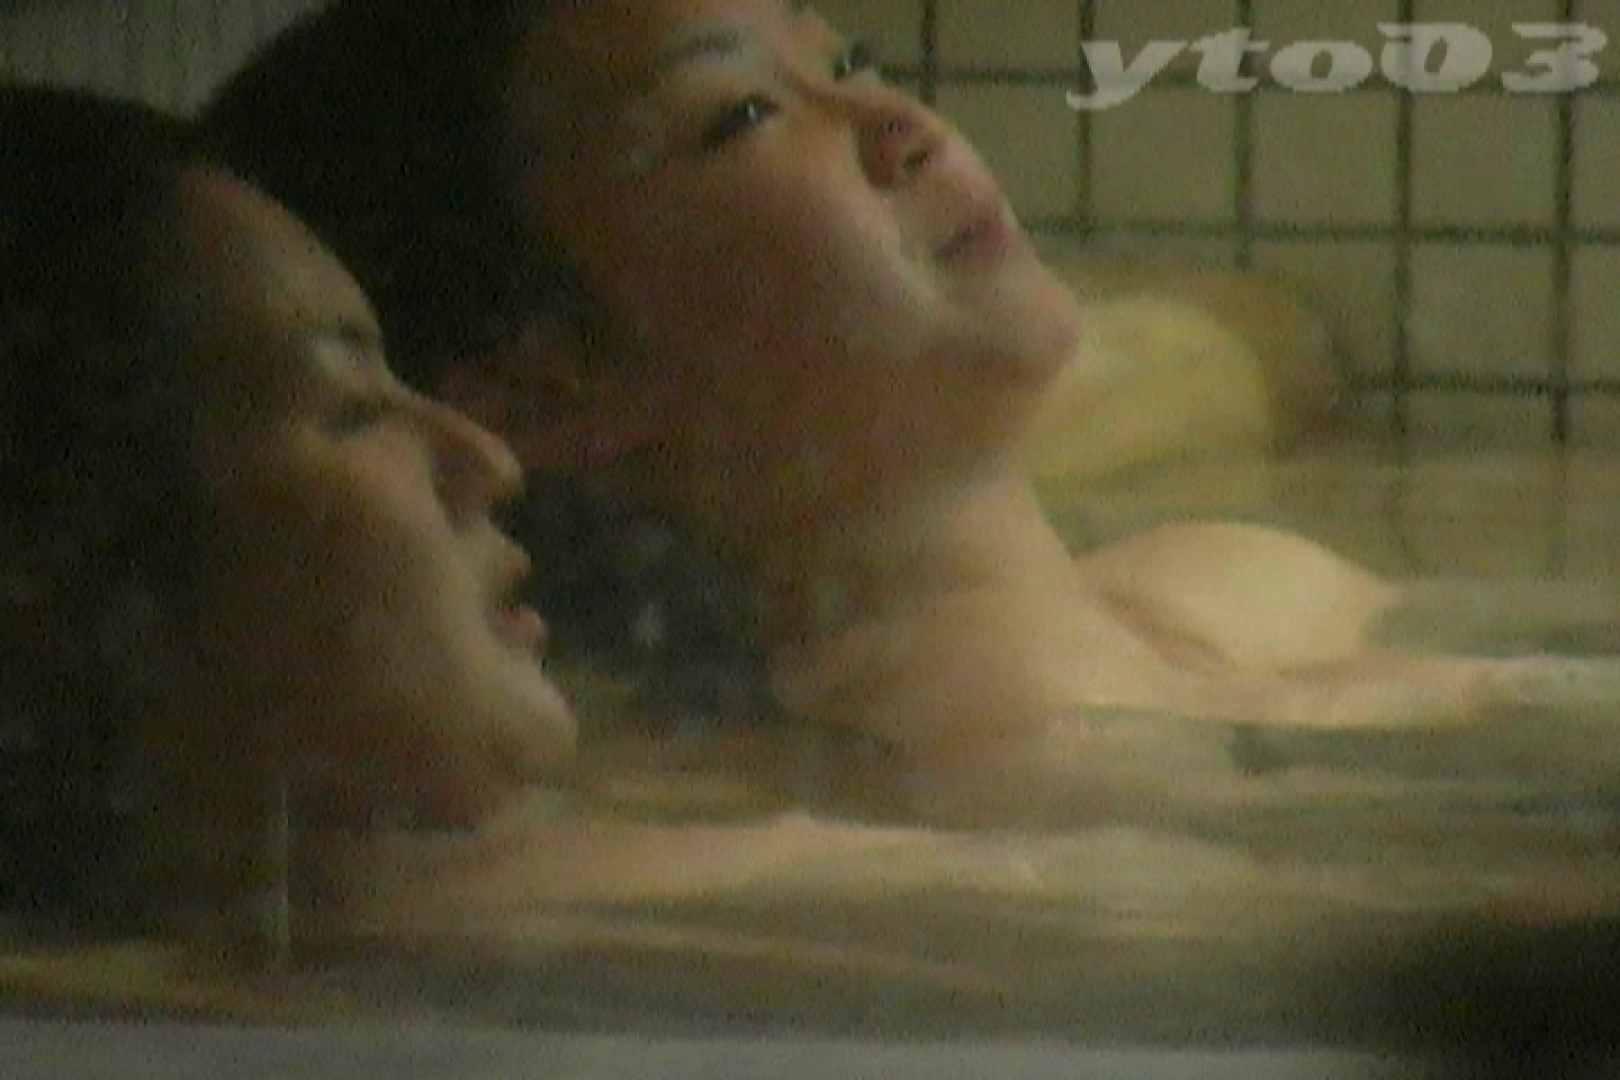 【期間限定配信】合宿ホテル女風呂盗撮 Vol.16 女湯 すけべAV動画紹介 85画像 36